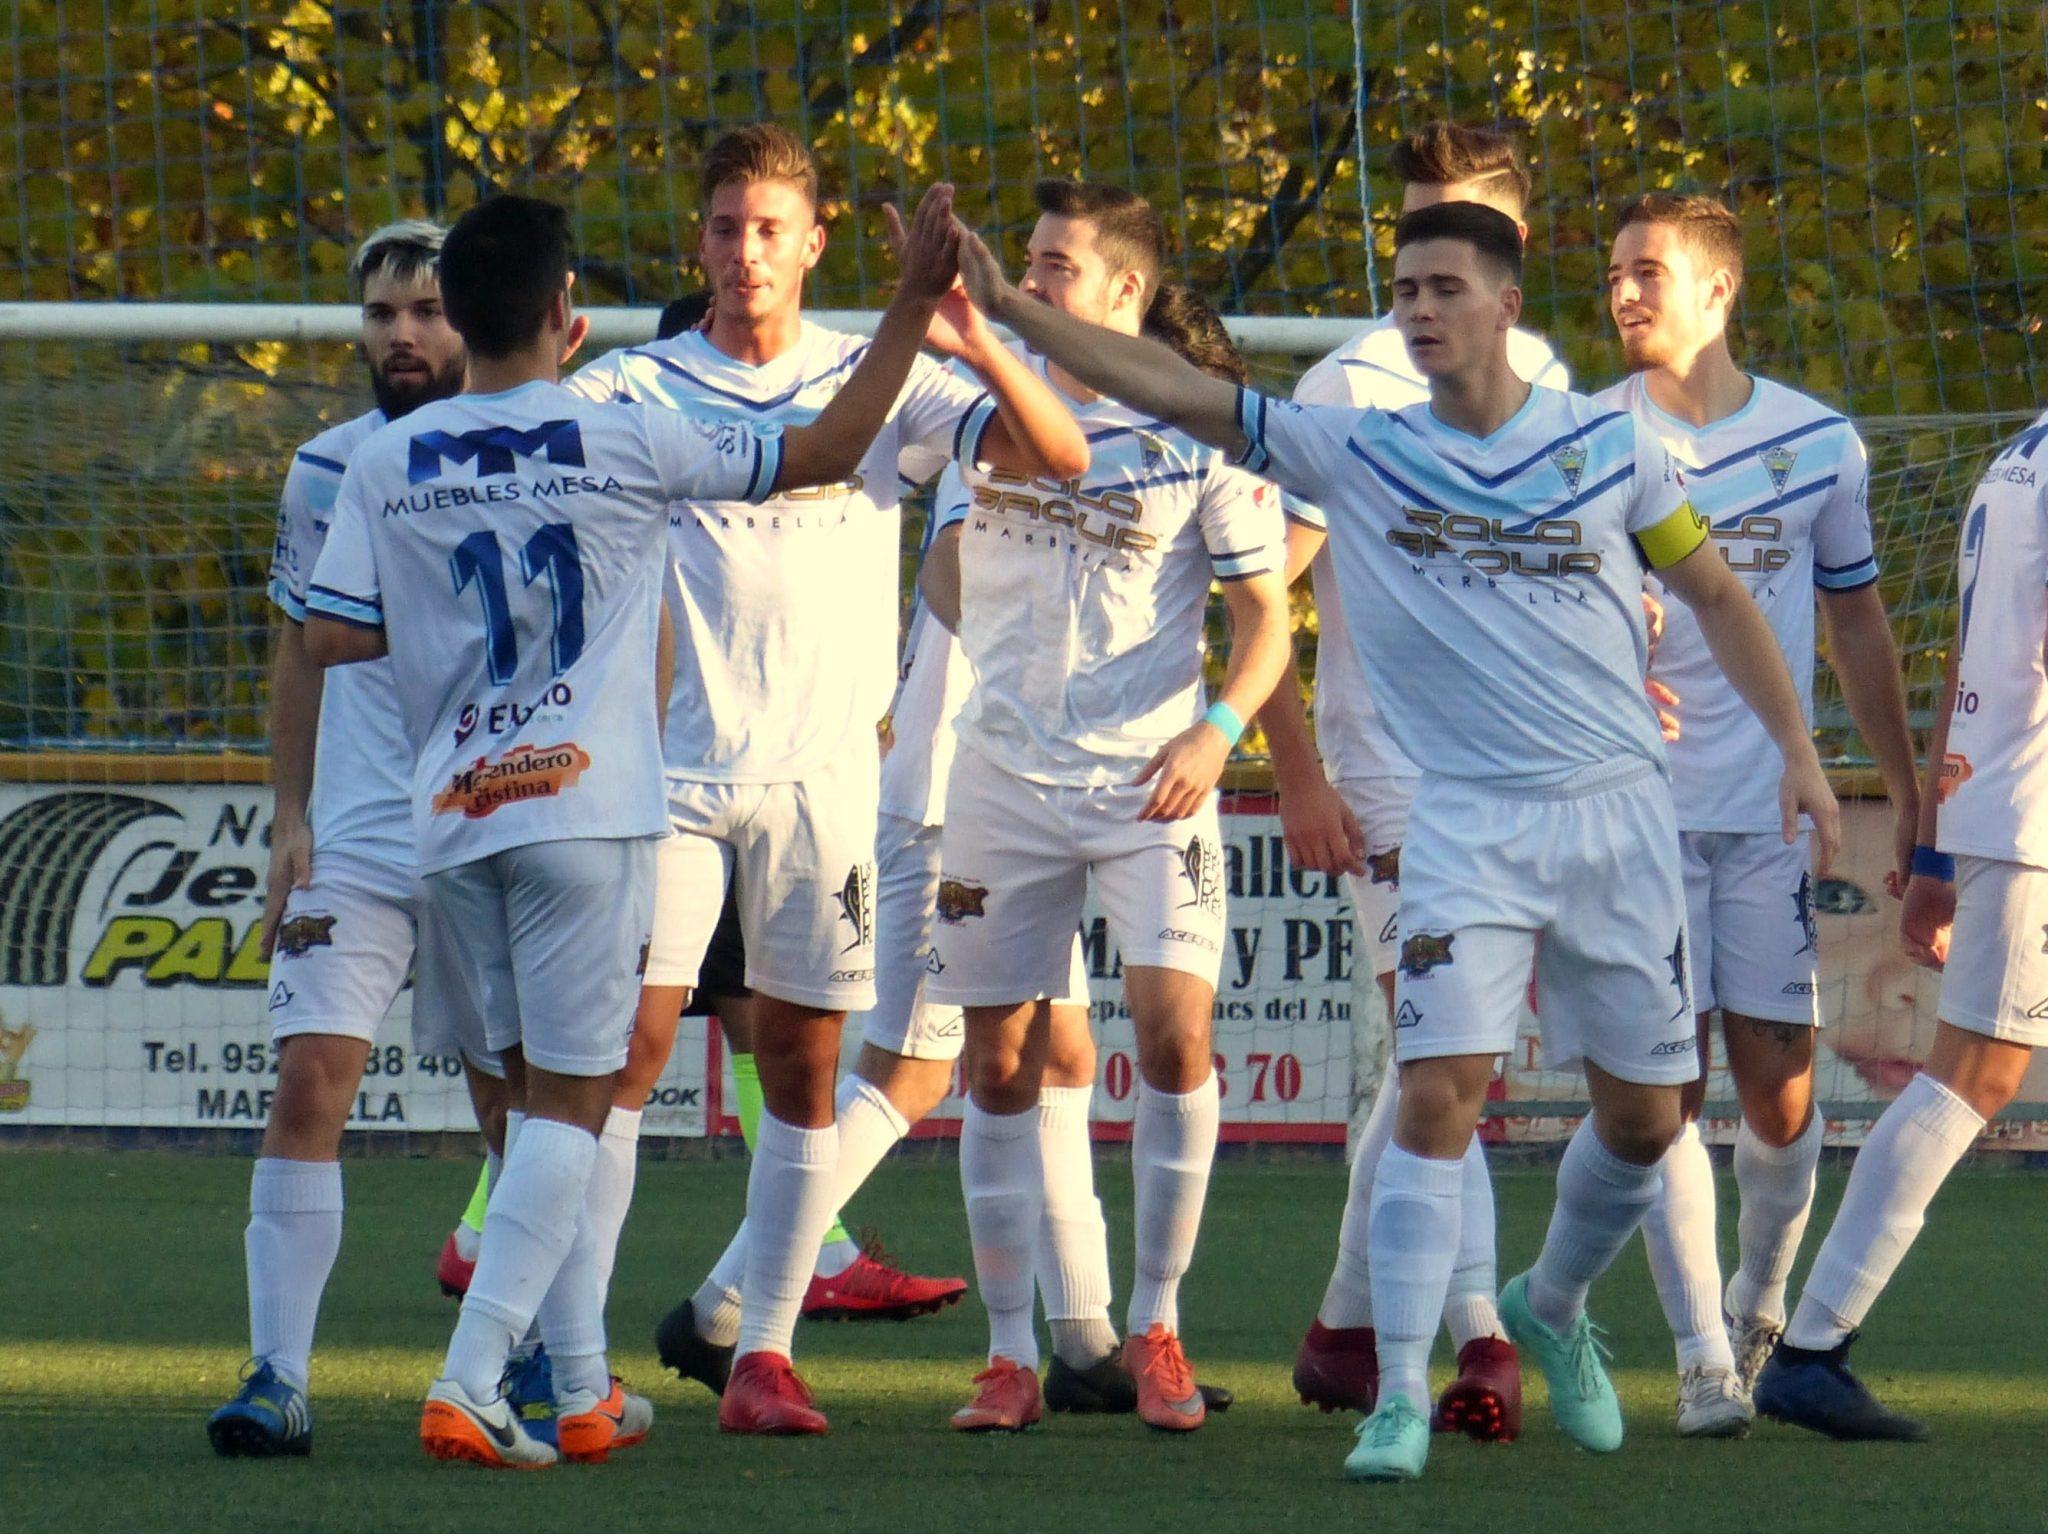 Suma y sigue del C.D. Atlético Marbella con su victoria frente al C.D. Mijas